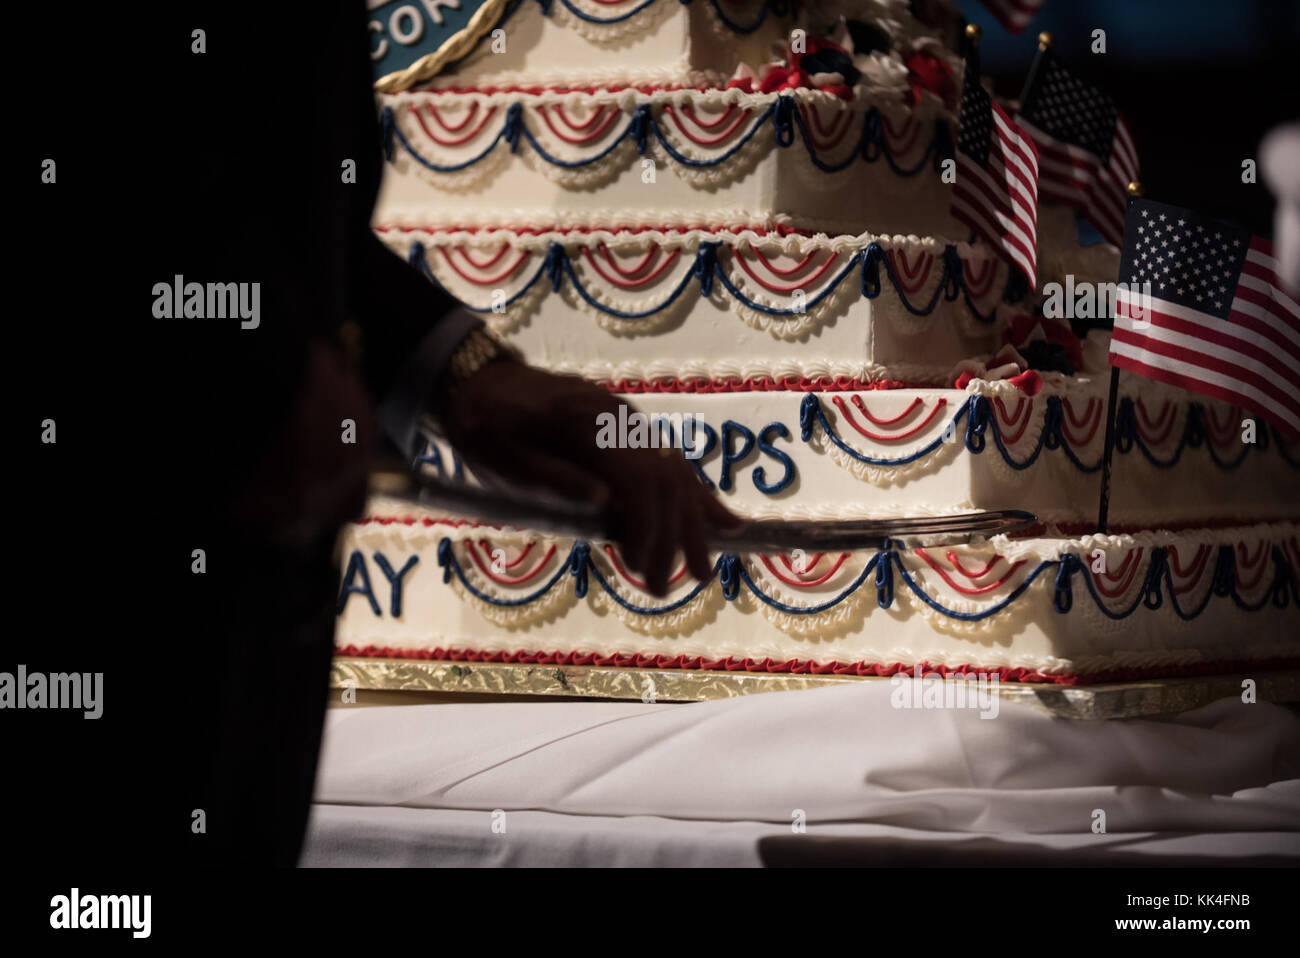 Tom Lyons, fundador y presidente de la sociedad Semper Fi, corta el 242º tarta de cumpleaños durante el semper Fidelis la sociedad de Boston del Cuerpo de Infantería de Marina de EE.UU. Almuerzo de cumpleaños en el Centro de convenciones y exhibiciones de Boston, Massachusetts, el 13 de noviembre, 2017. (DoD foto por el sargento del ejército de EE.UU. James K. McCann) Foto de stock